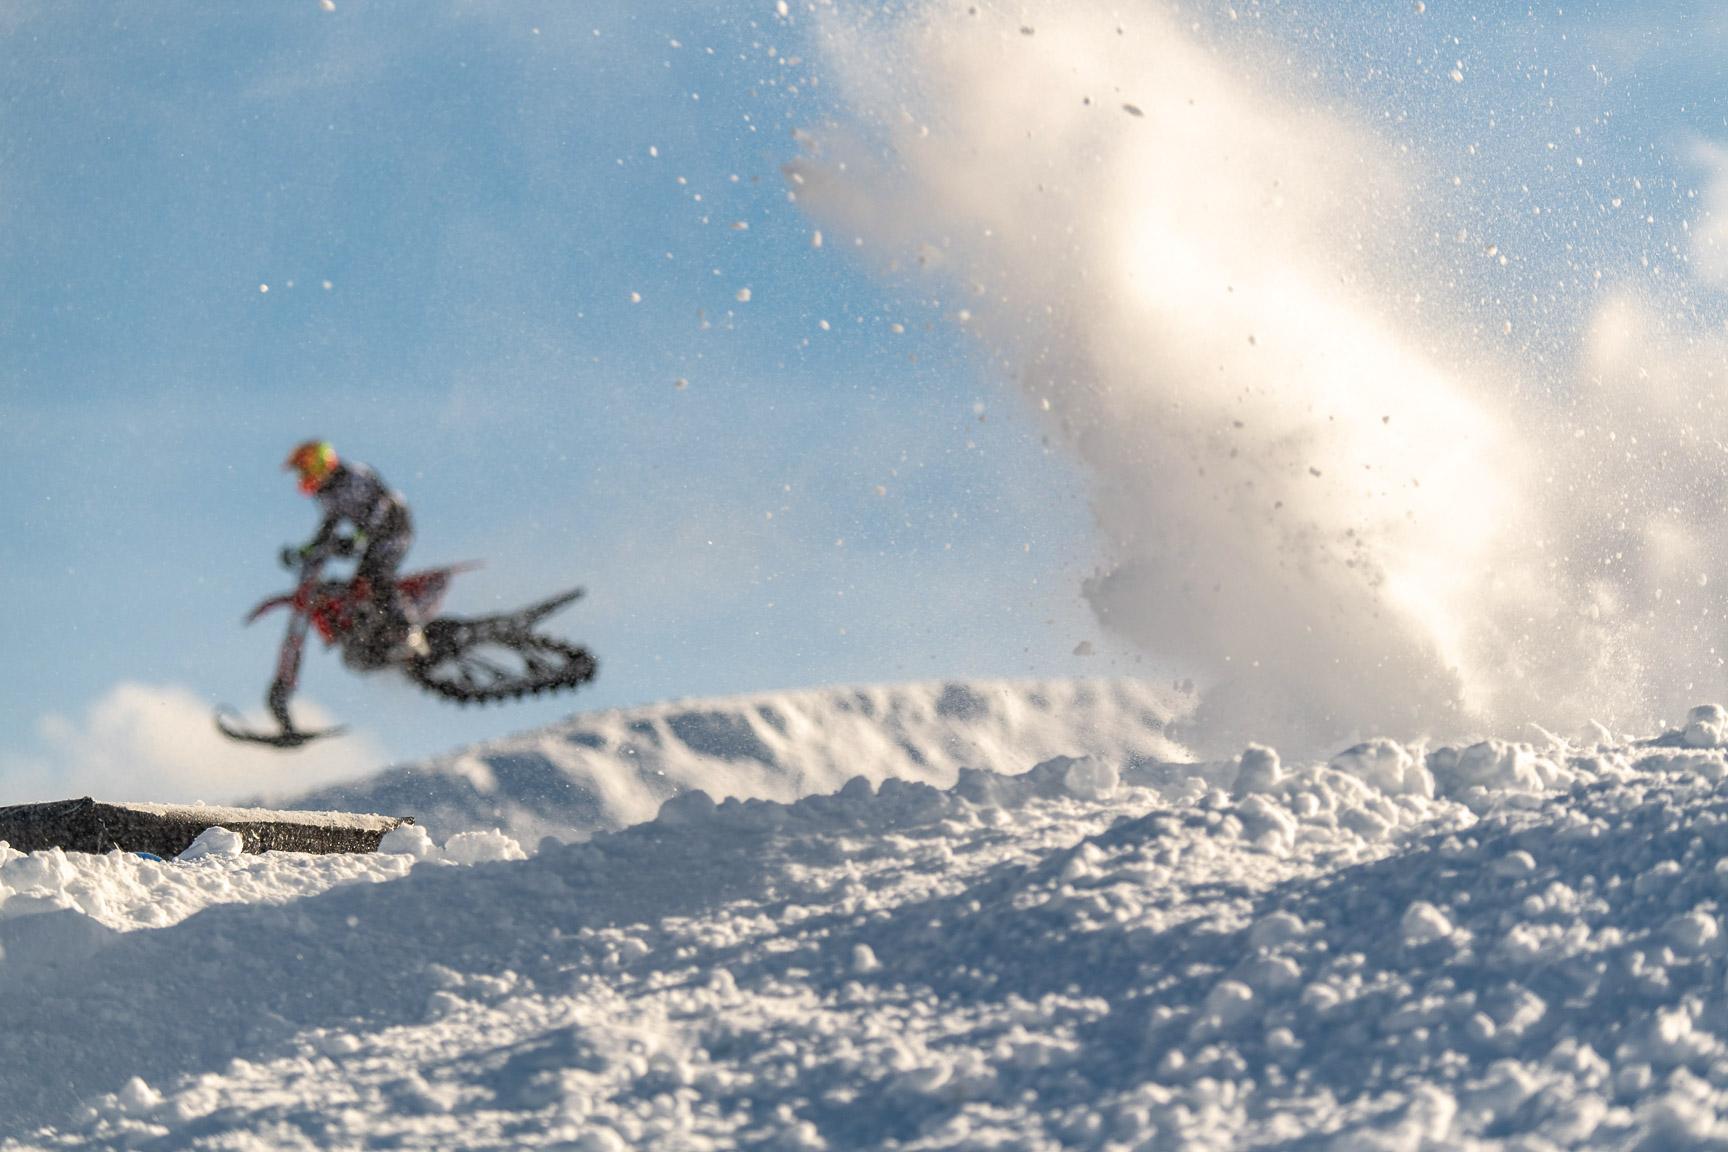 Snow BikeCross Practice